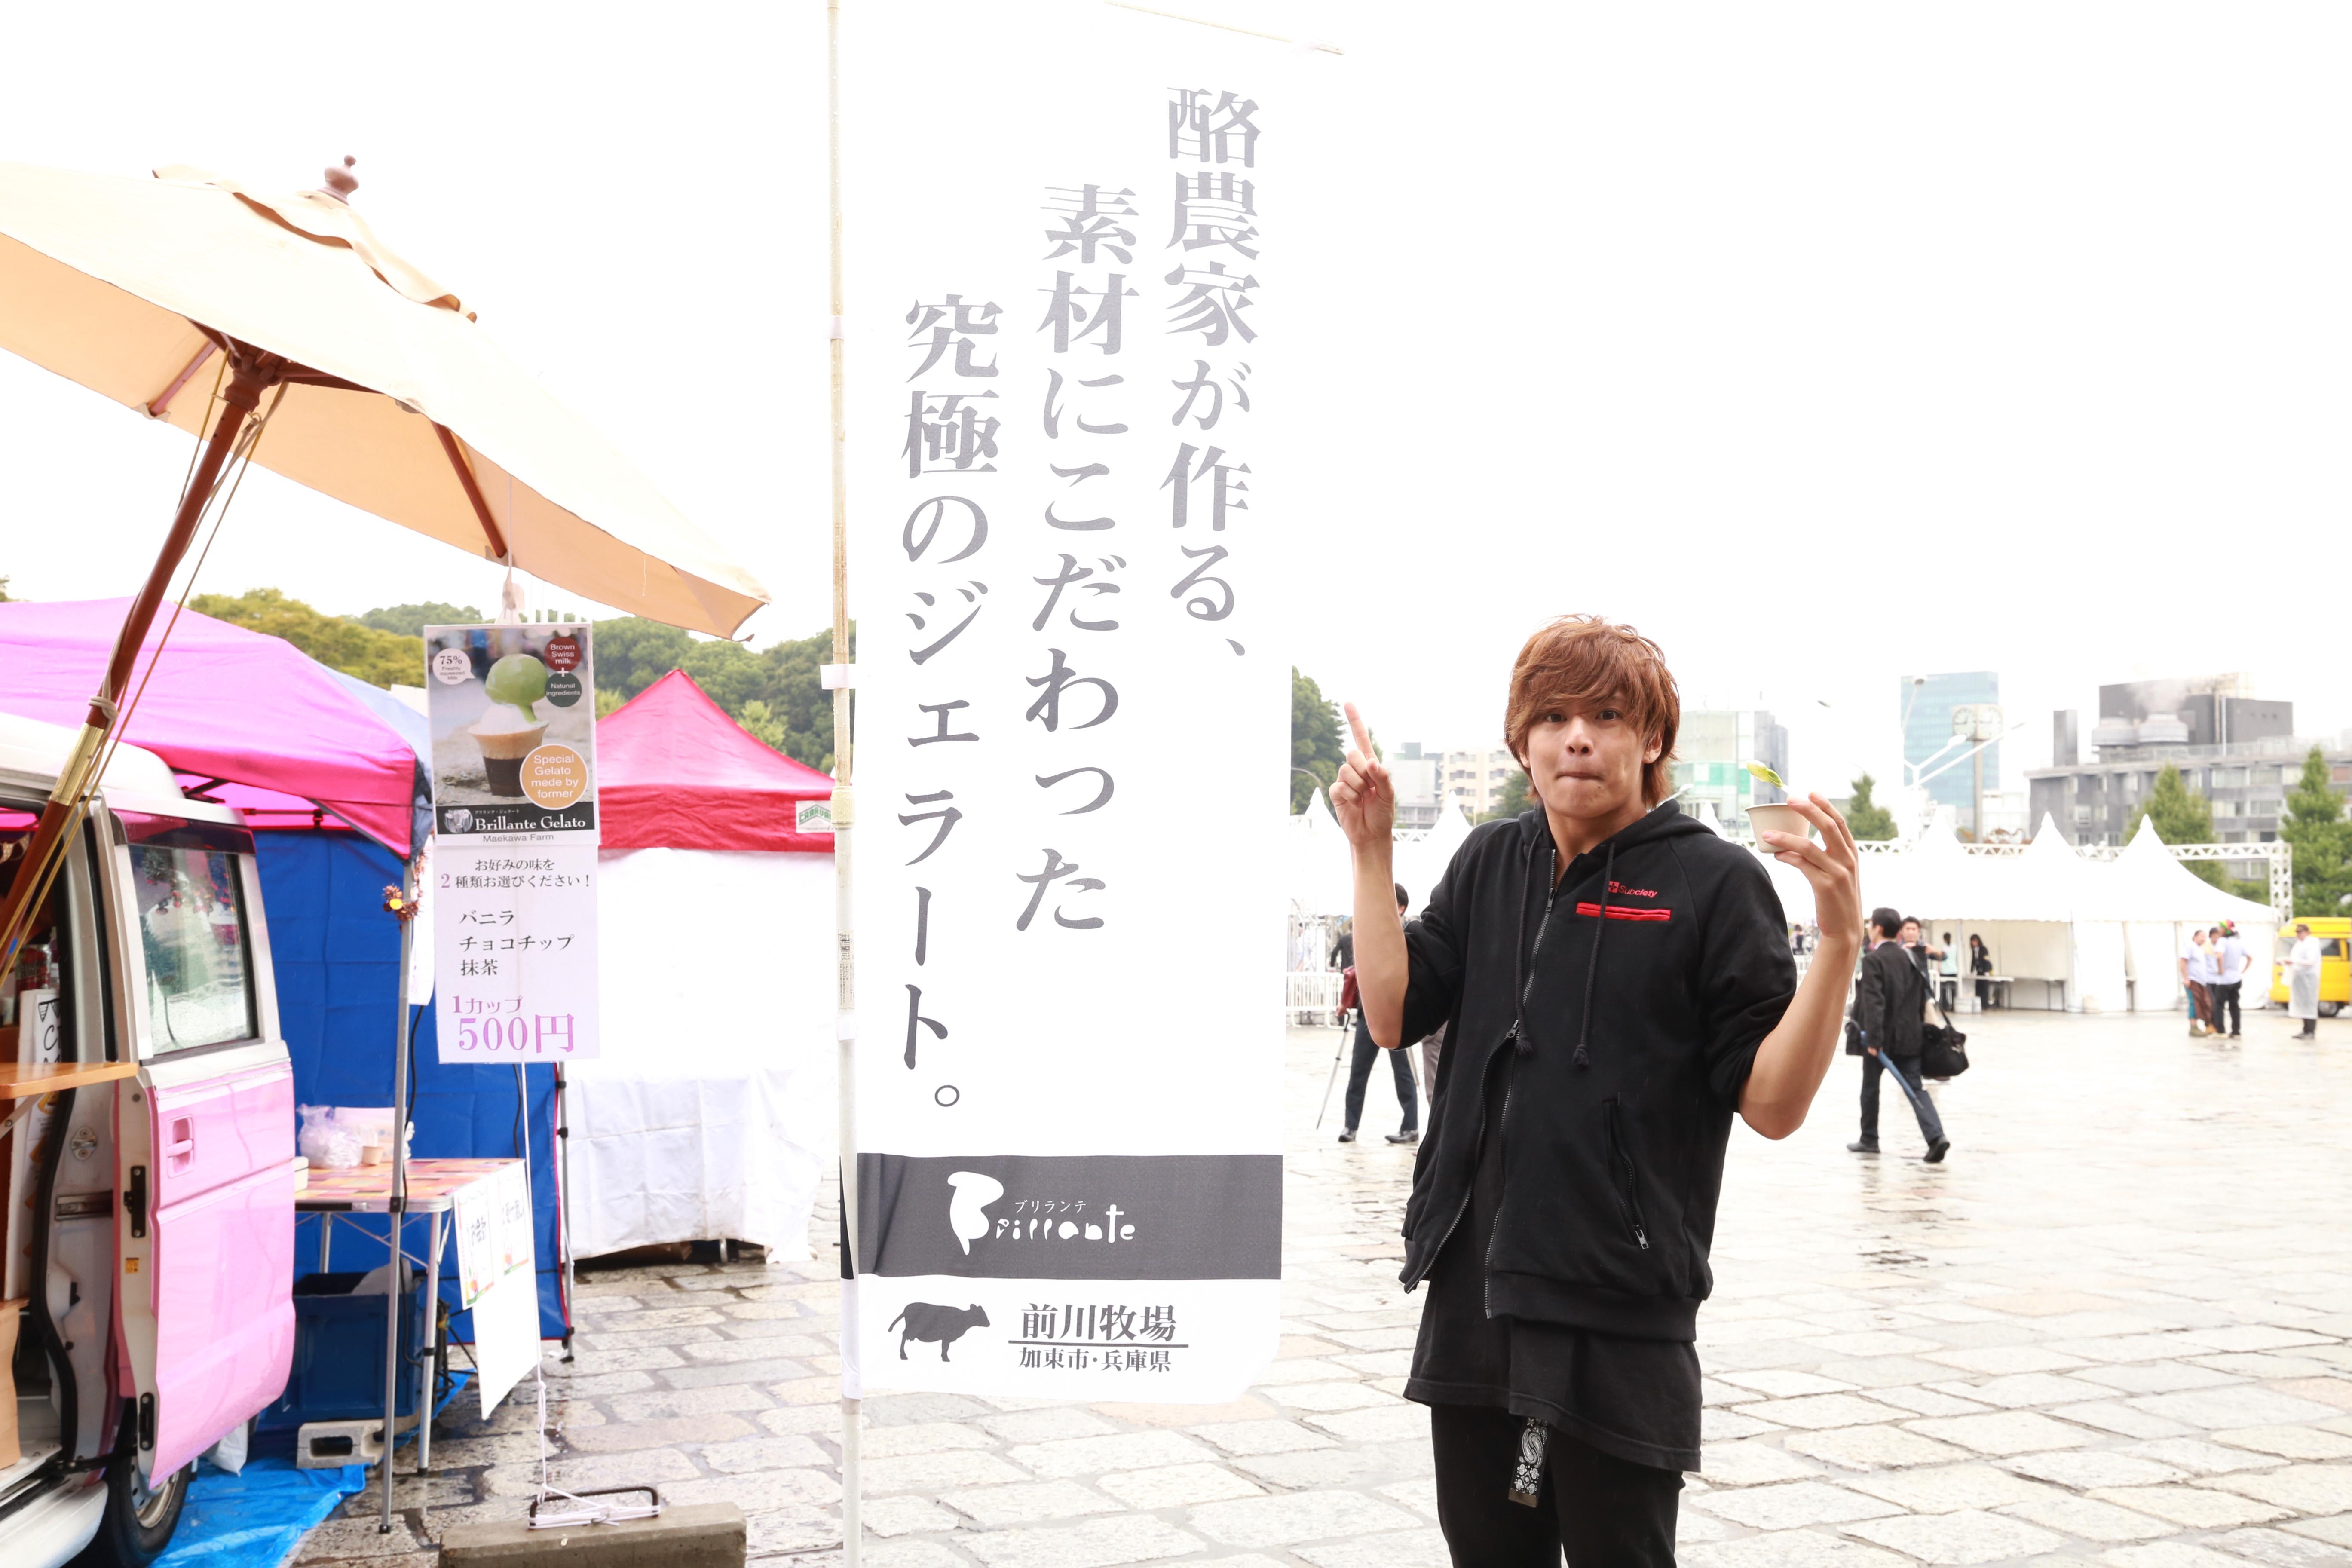 ガールズアワード ブリランテのお店にタレントの鈴木勤さんが来てくれました!!